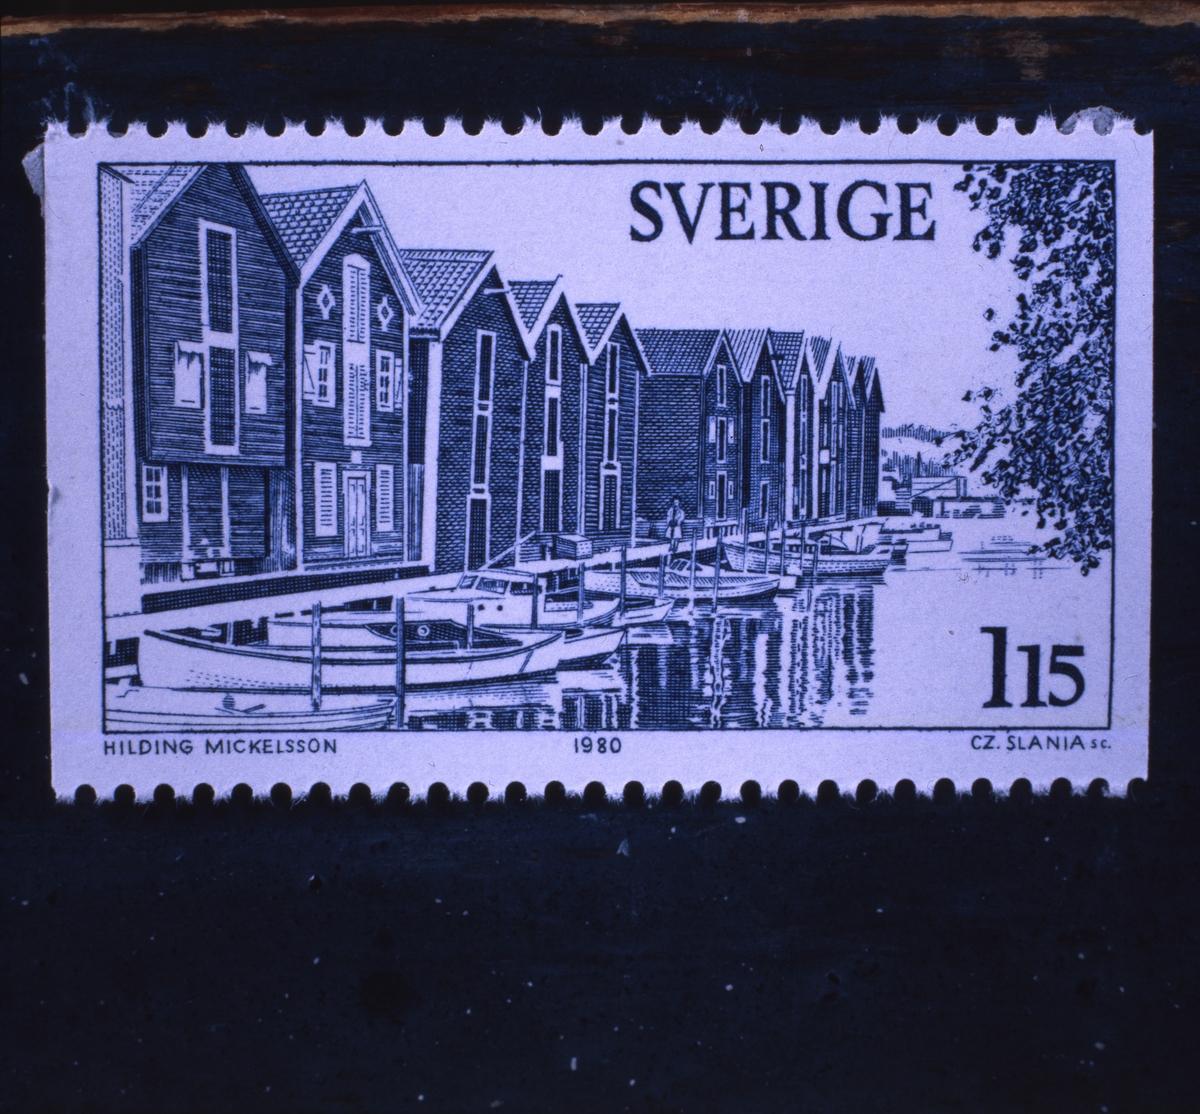 HMM60289